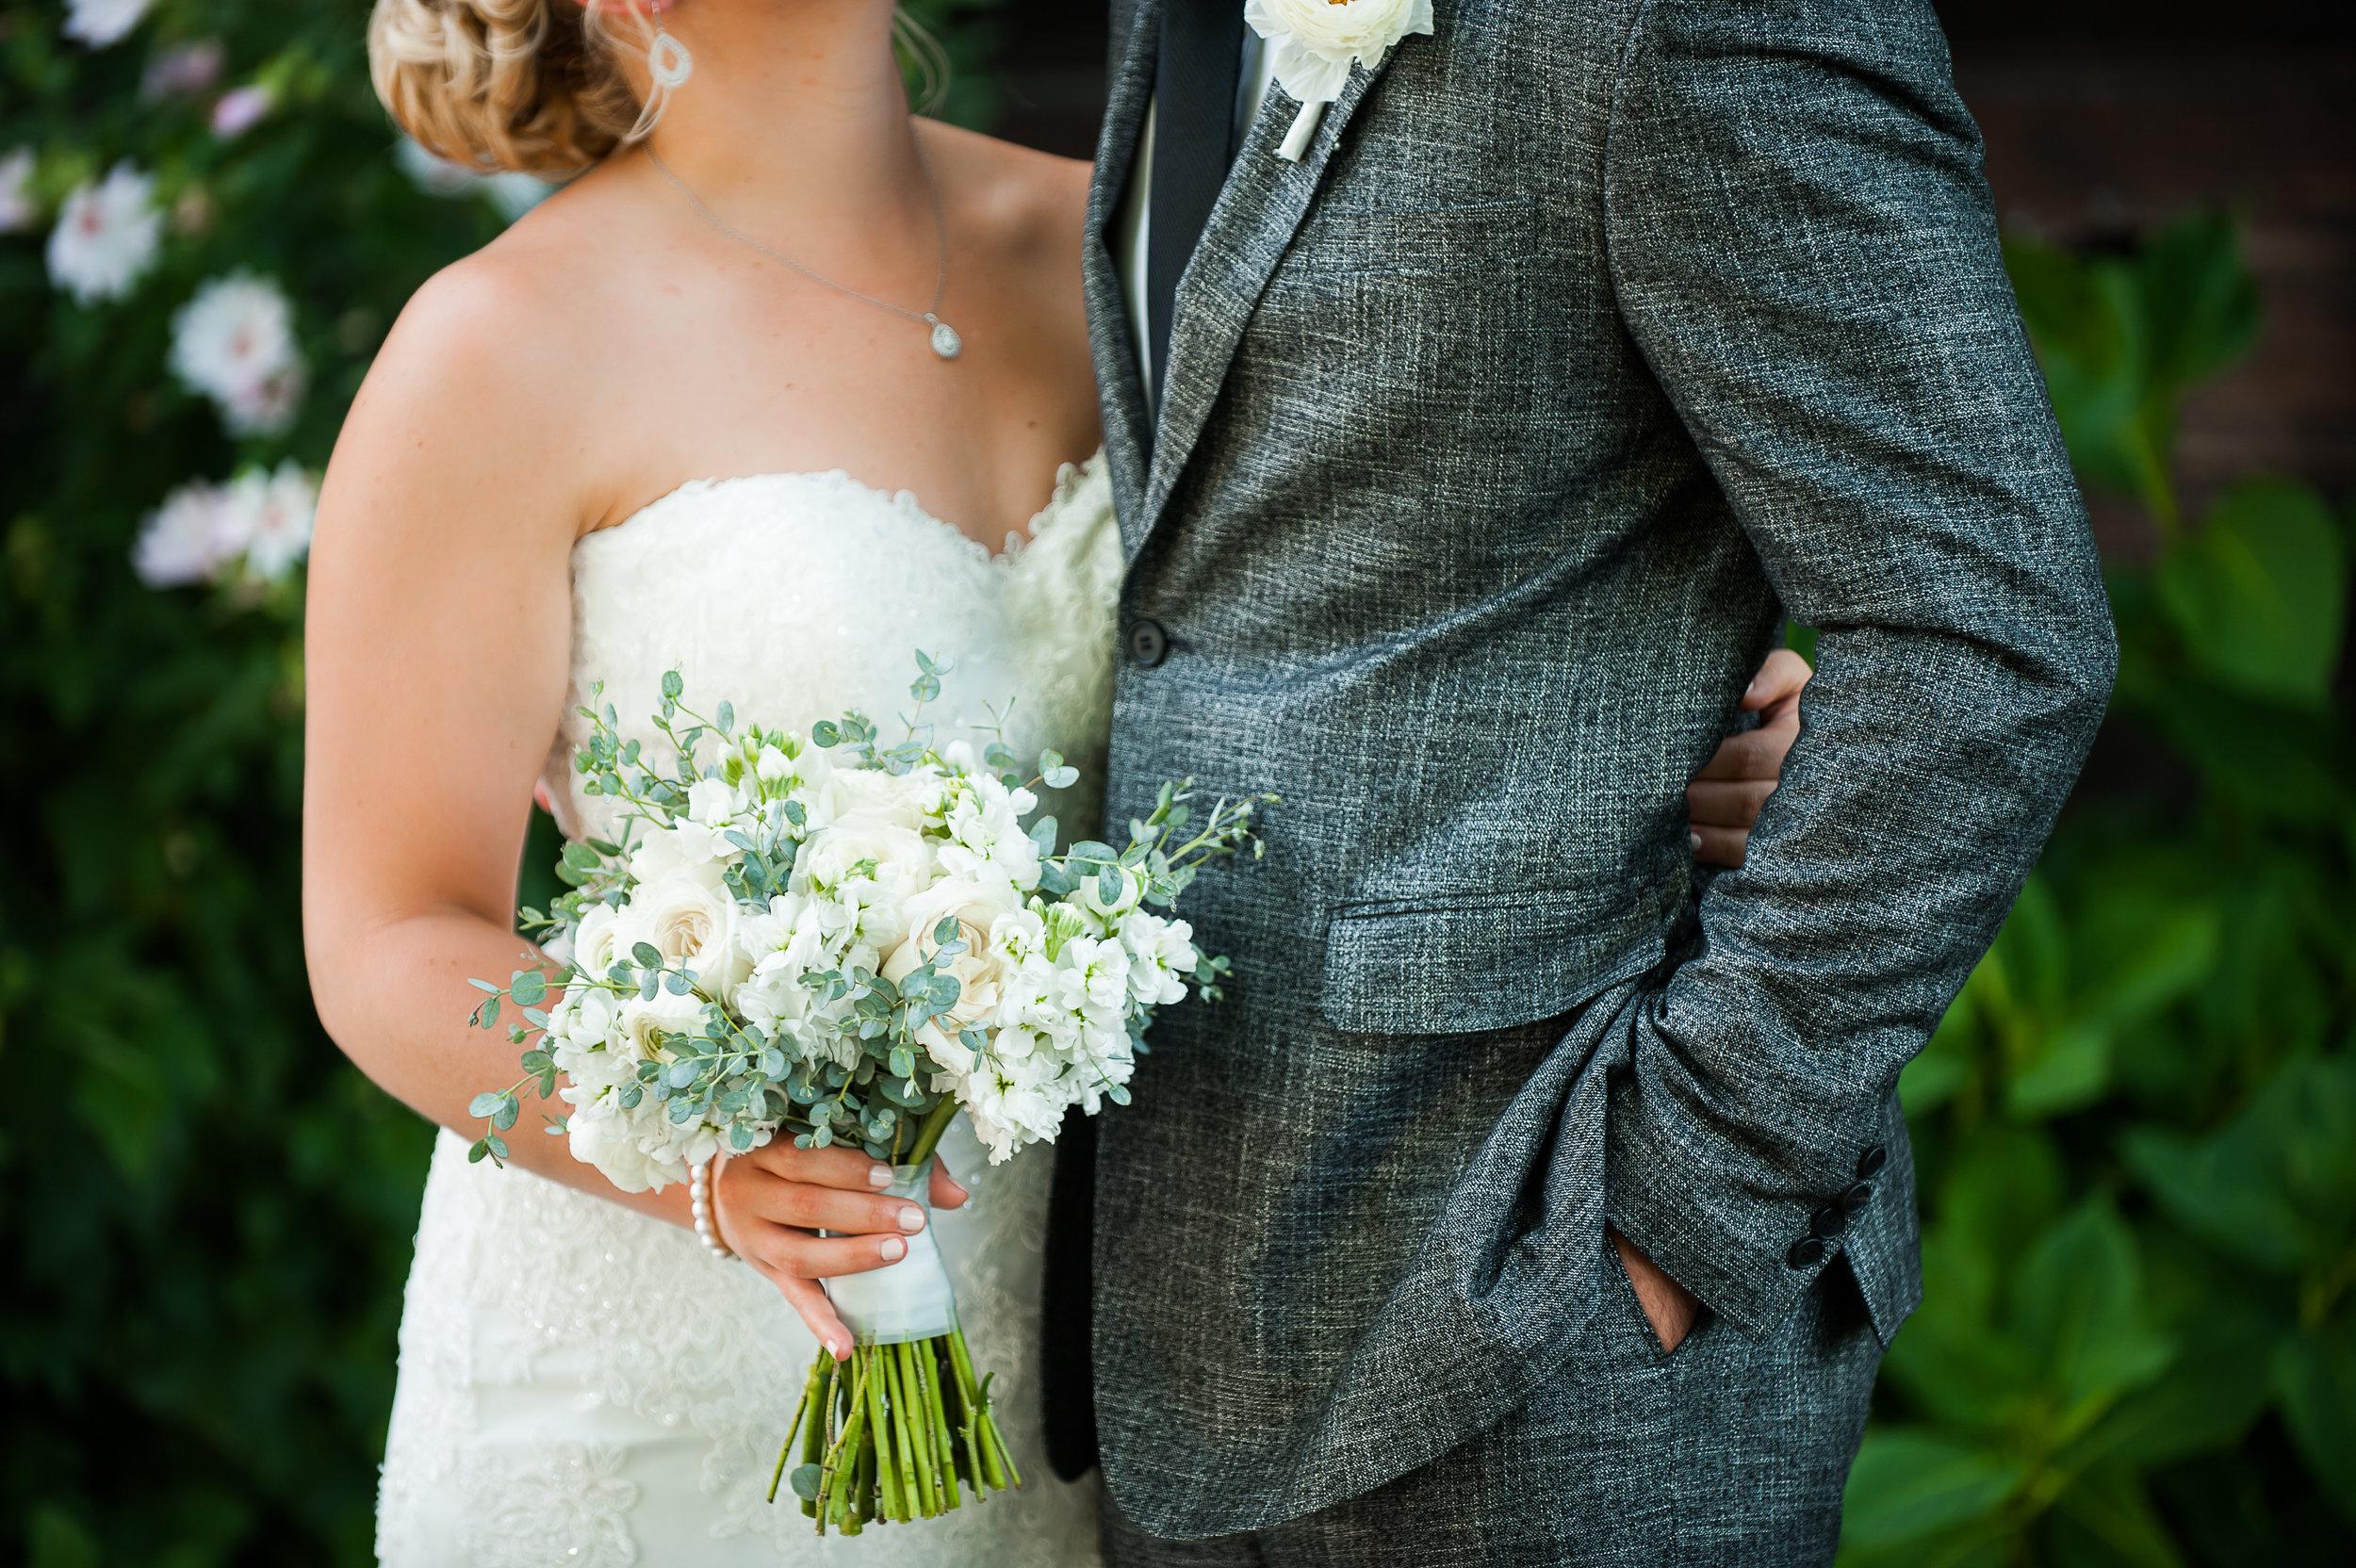 HA-wedding-Van-Wyhe-Photography-127.jpg